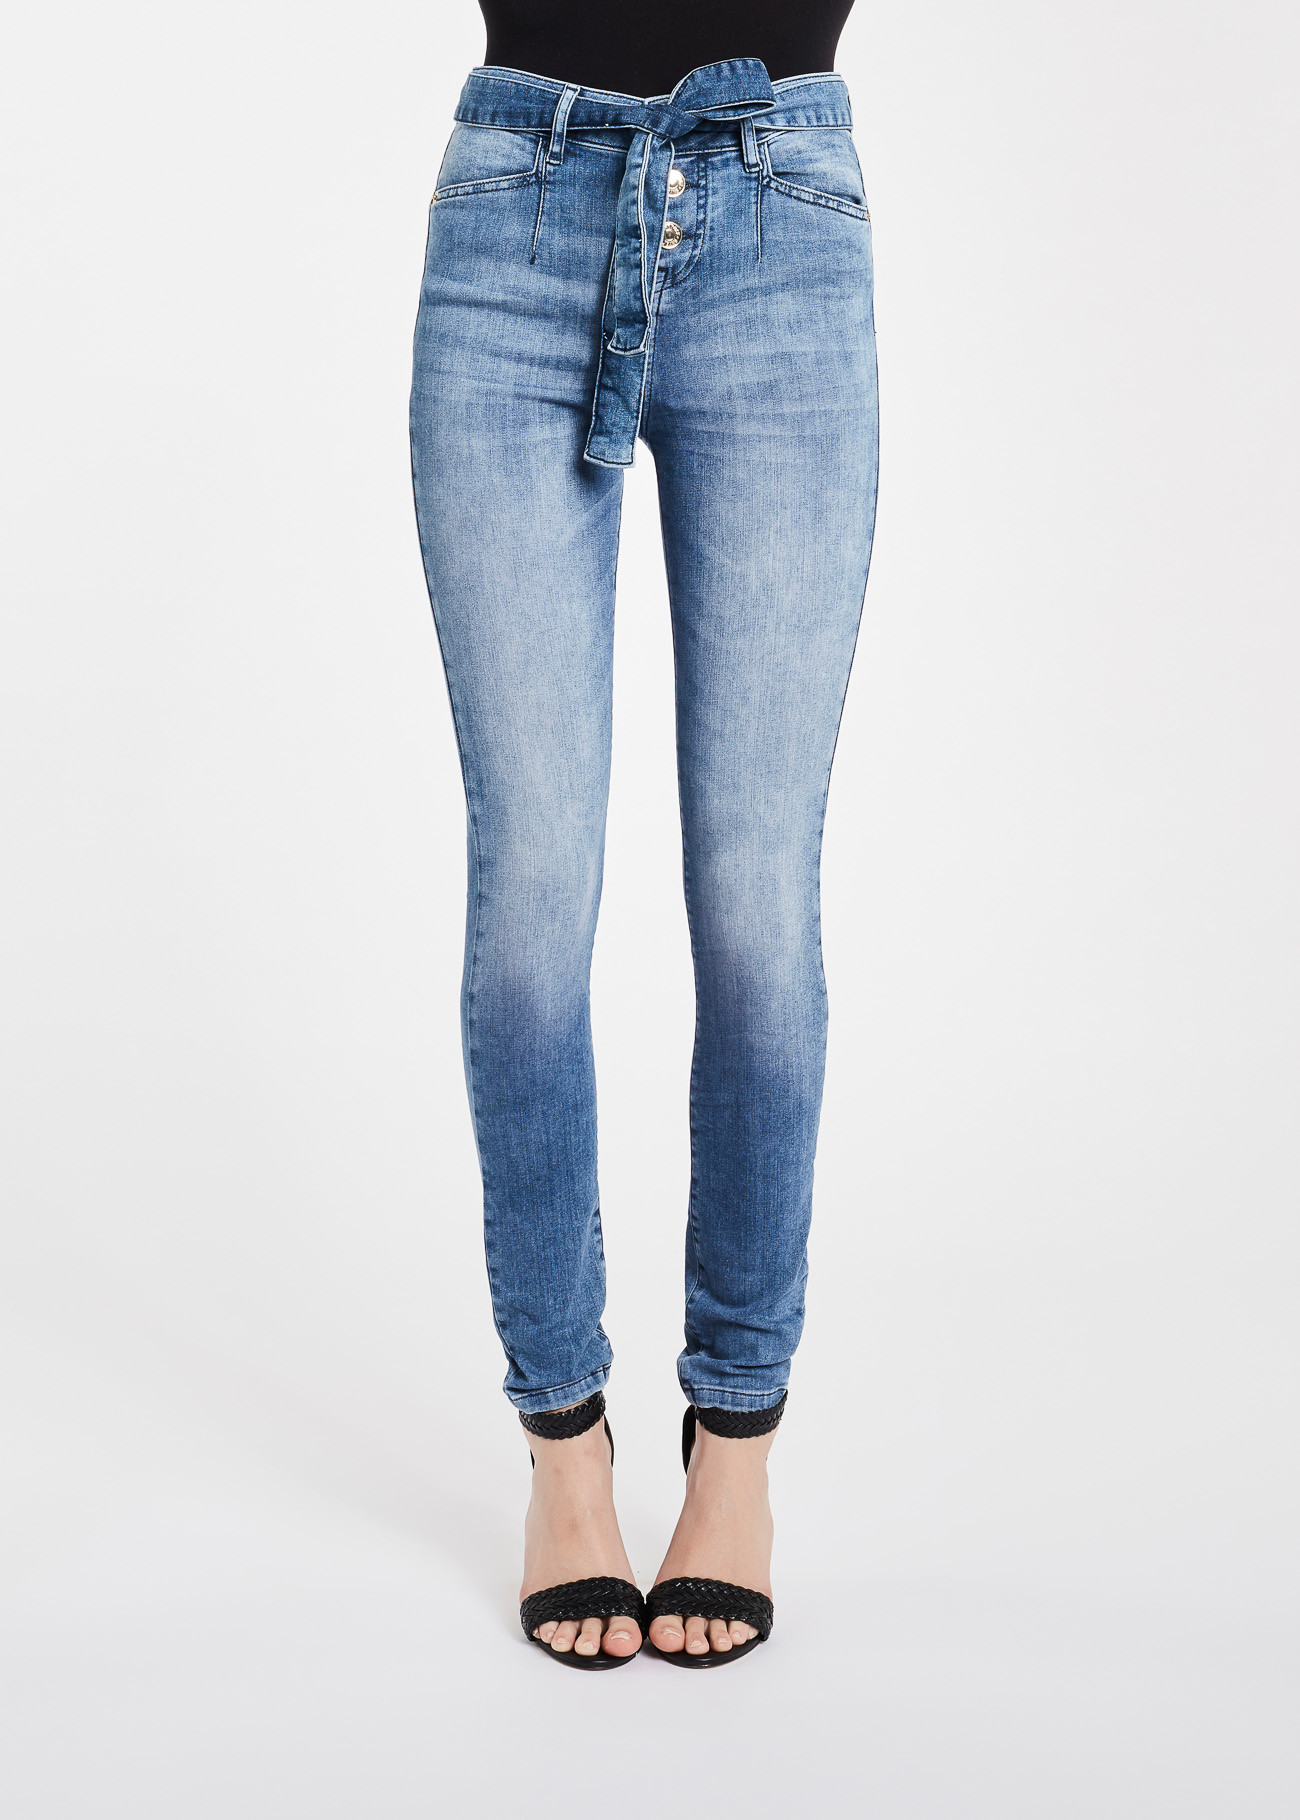 Jeans con cintura - by Denny Rose